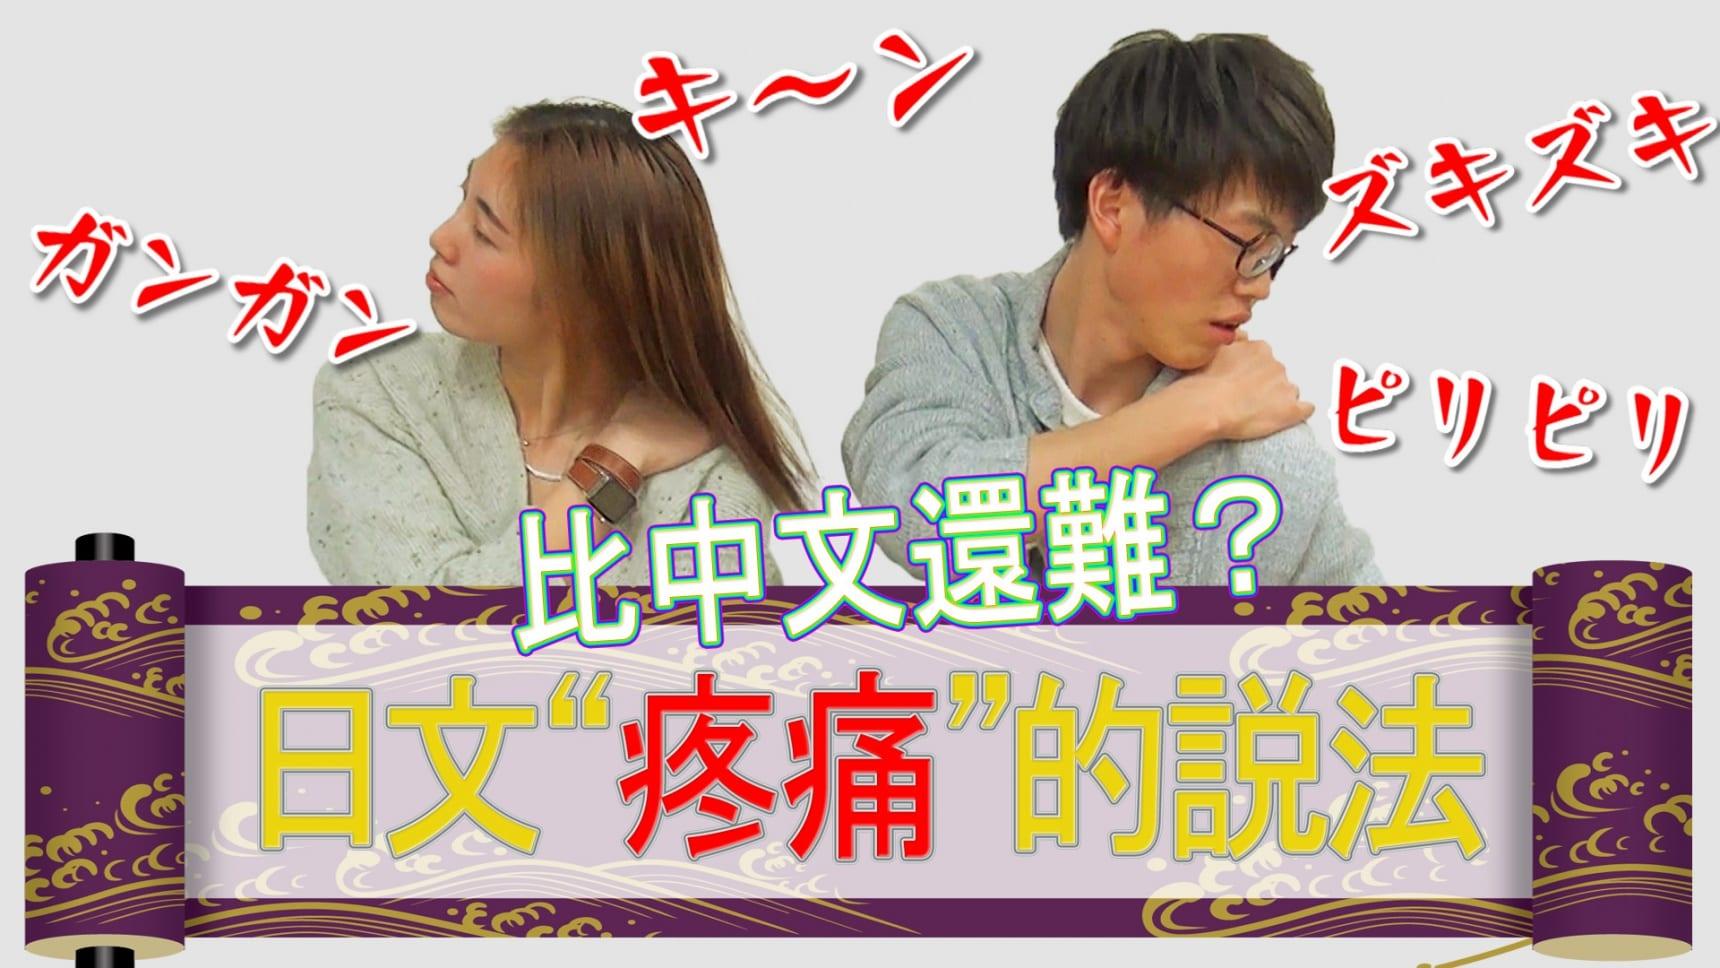 """比中文還難?日文裡有關""""疼痛""""的說法都有哪些"""